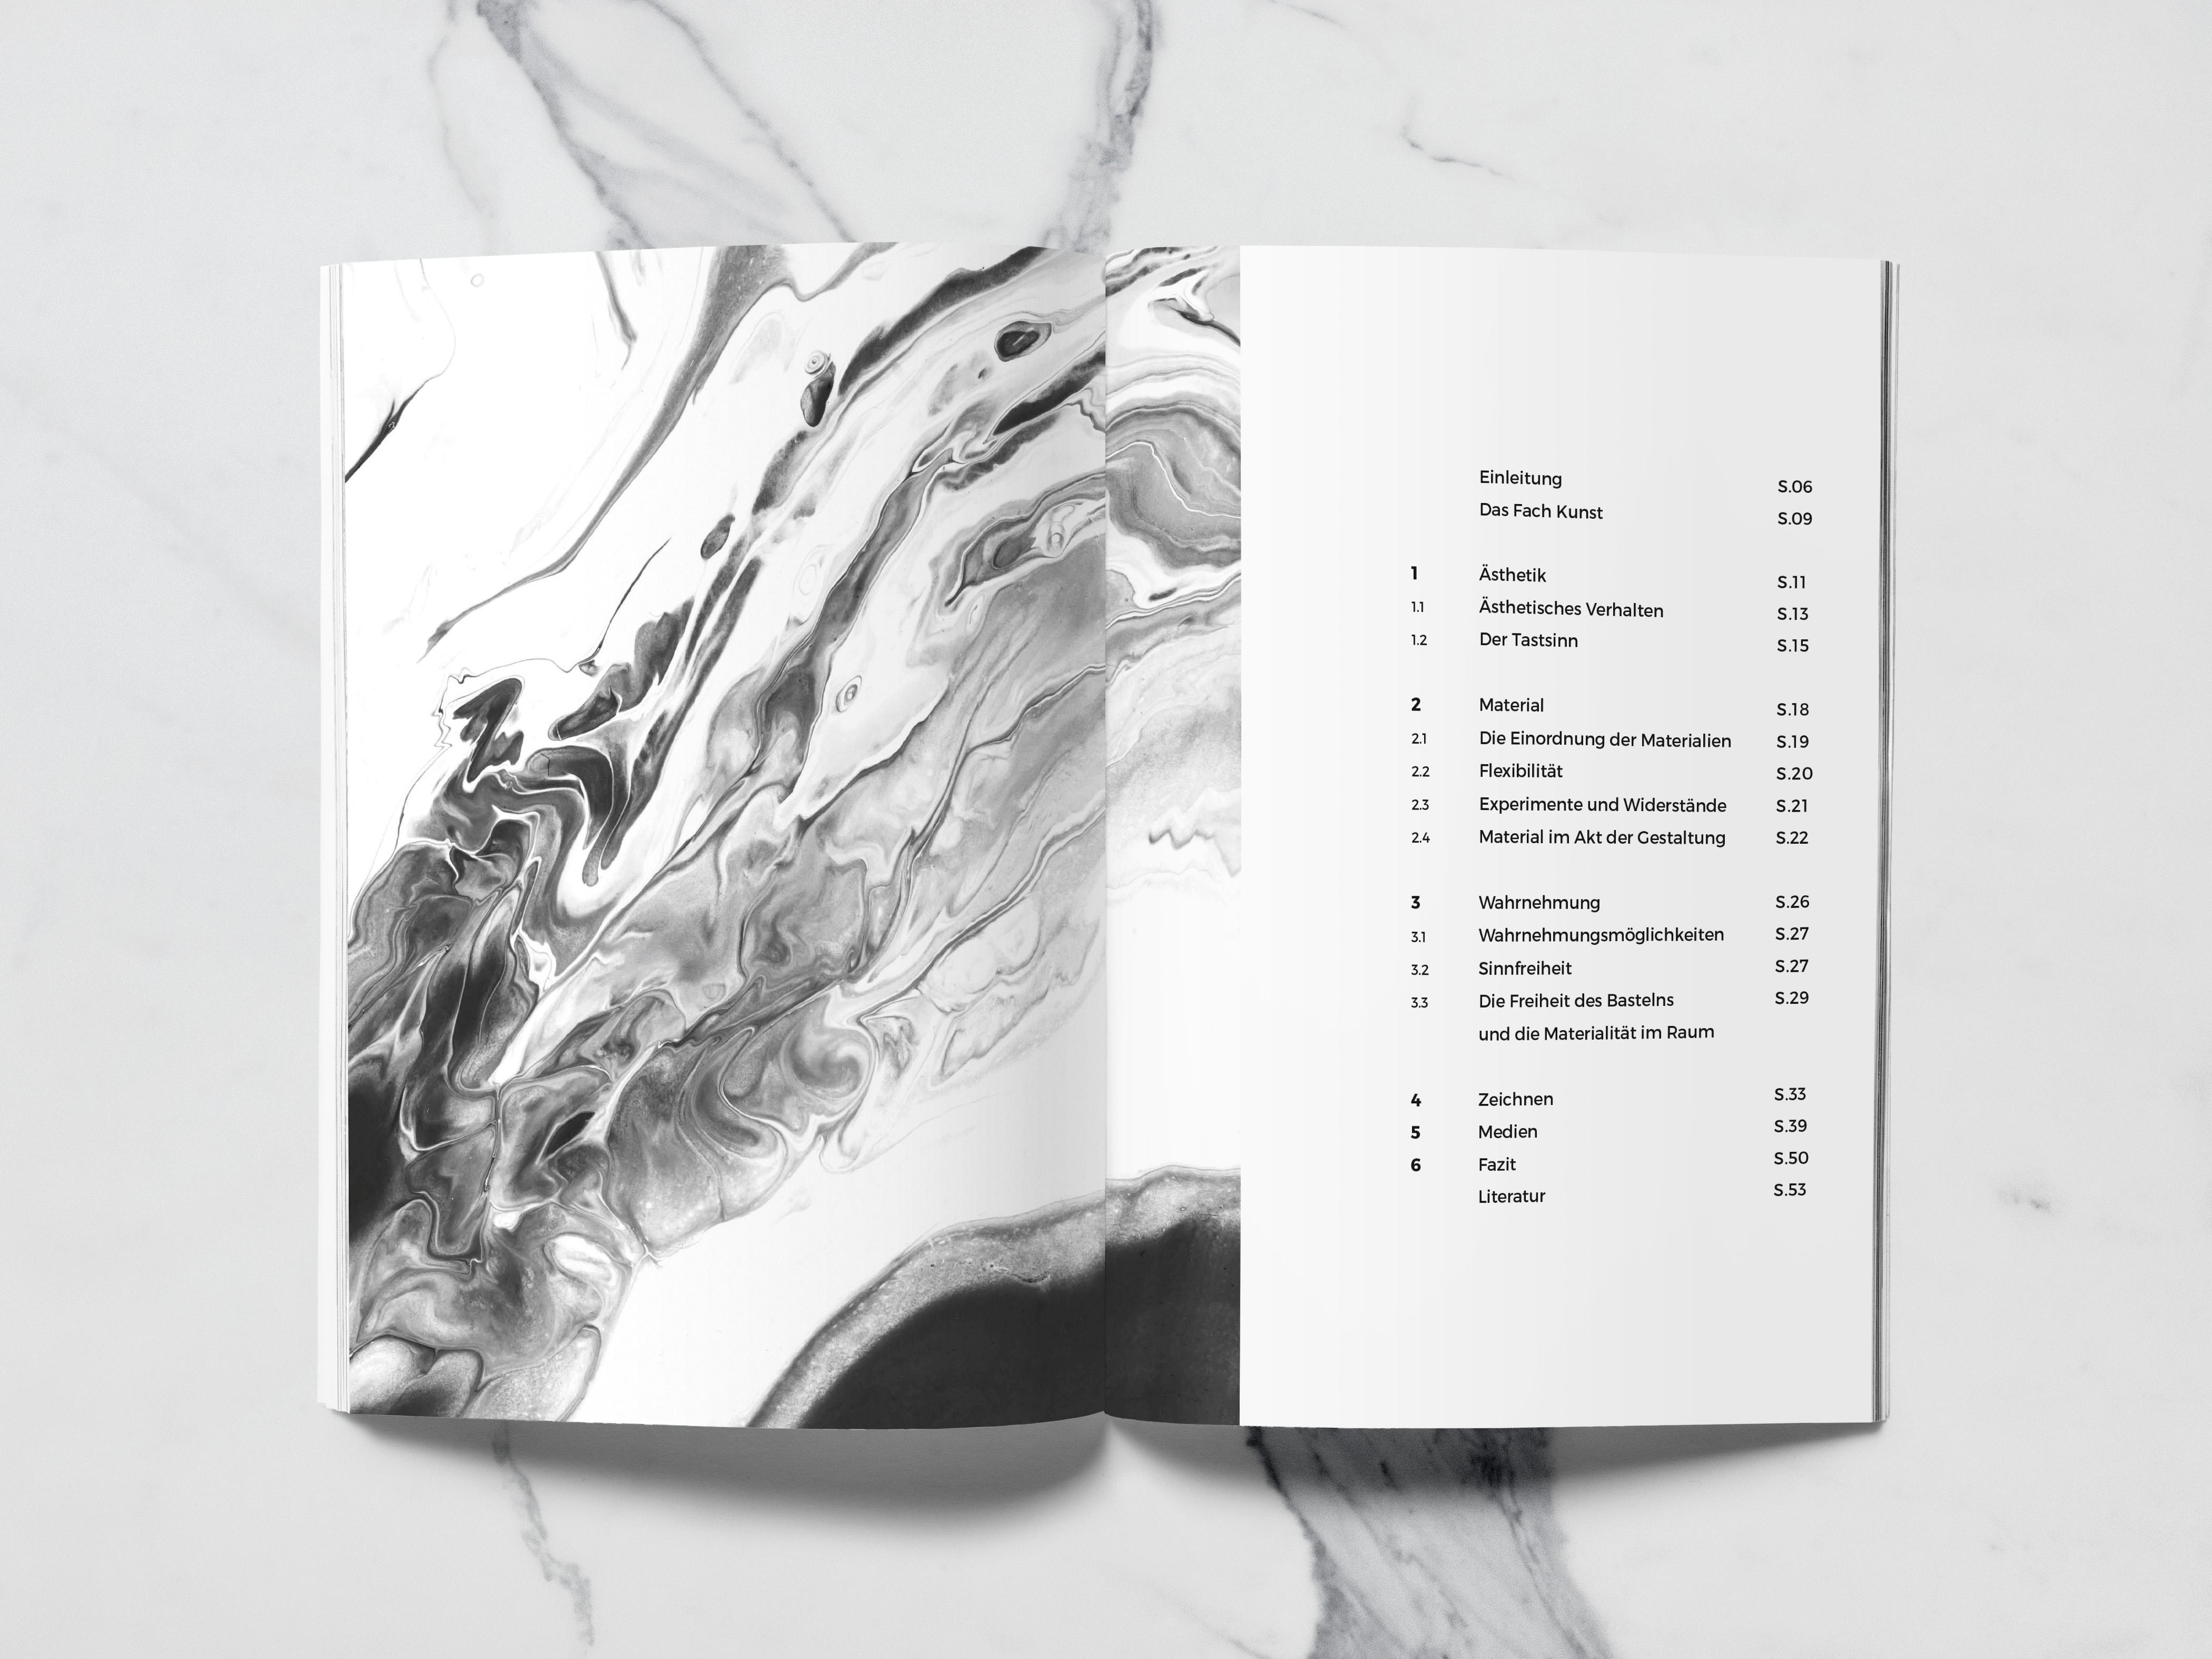 Booklet Inhaltsverzeichnis